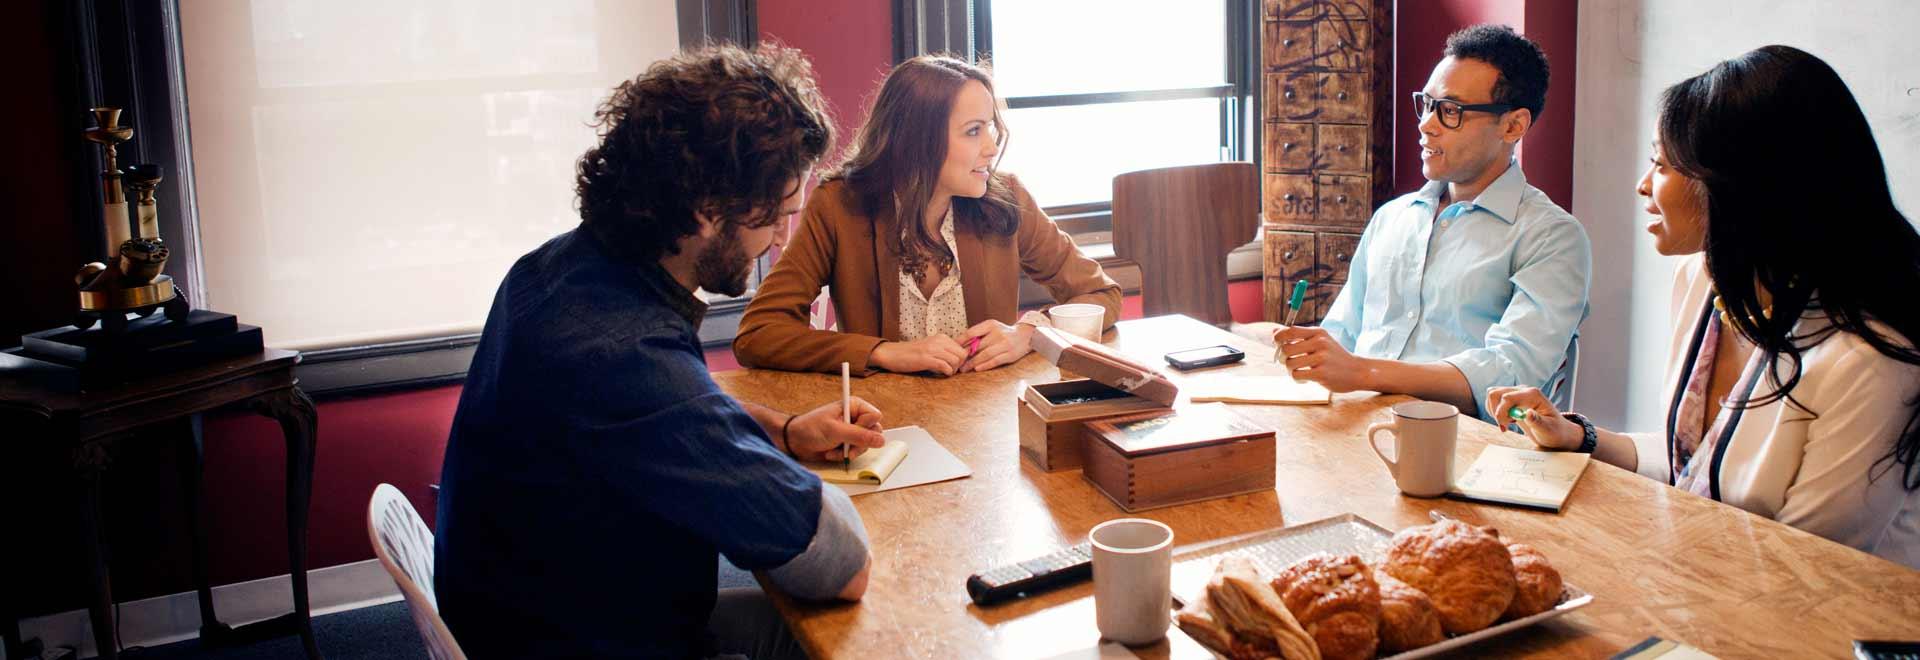 Četiri osobe rade u kancelariji pomoću plana Office 365 E3.